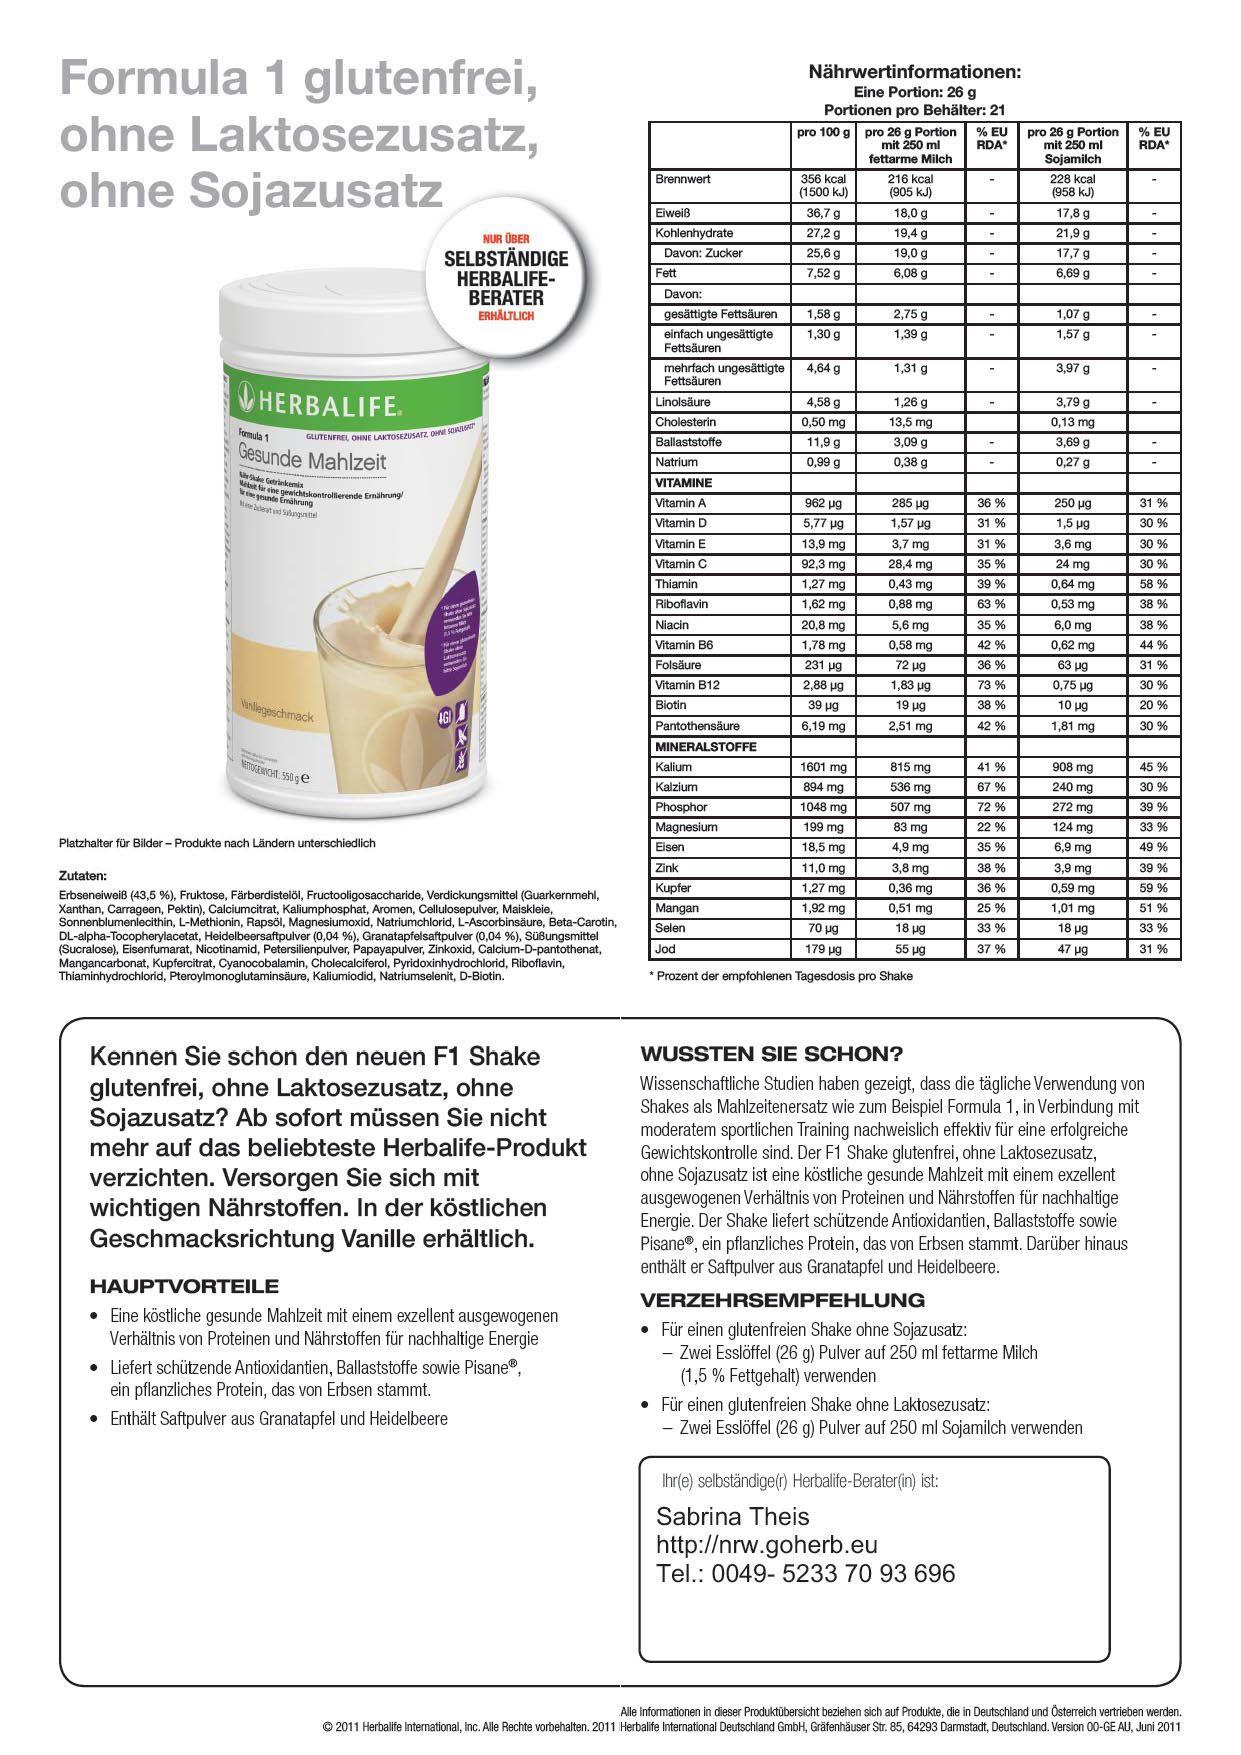 Haben Sie Lebensmittelintoleranzen Allergien Neu Herbalife Formula1 Gluten Freier Protein Shake Laktose Frei Lebensmittel Intoleranz Herbalife Allergien